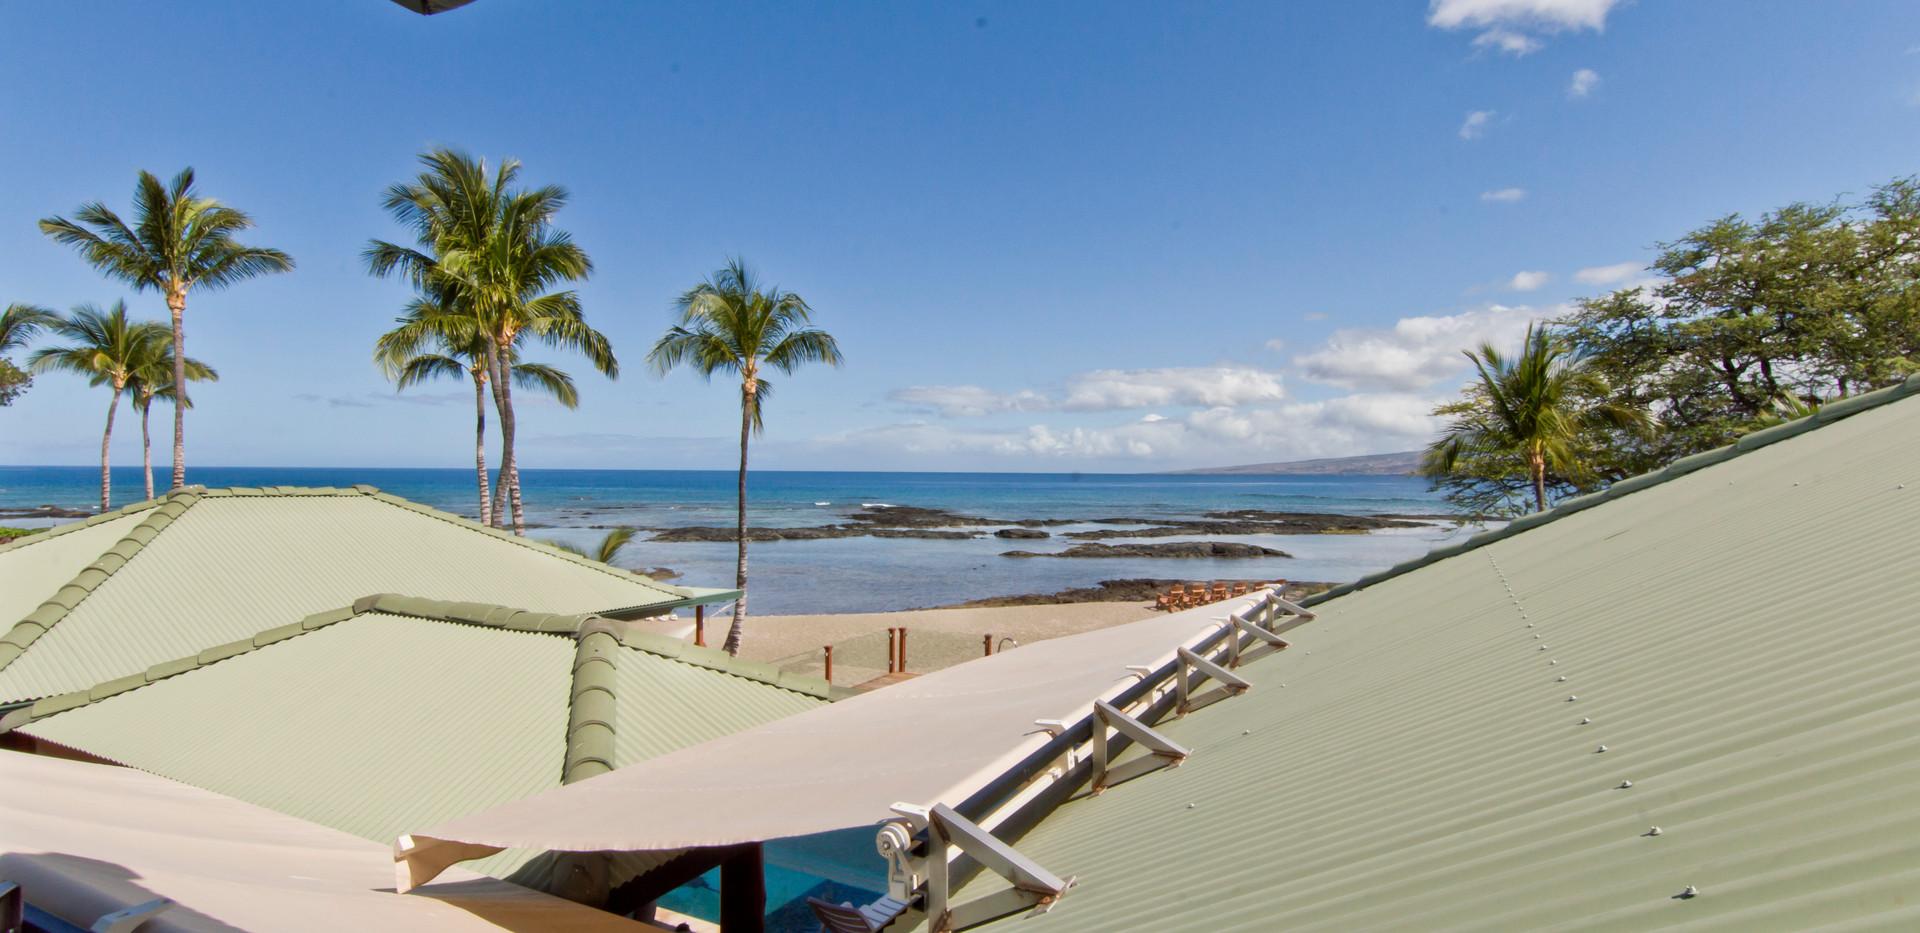 Plumera Suite Ocean View